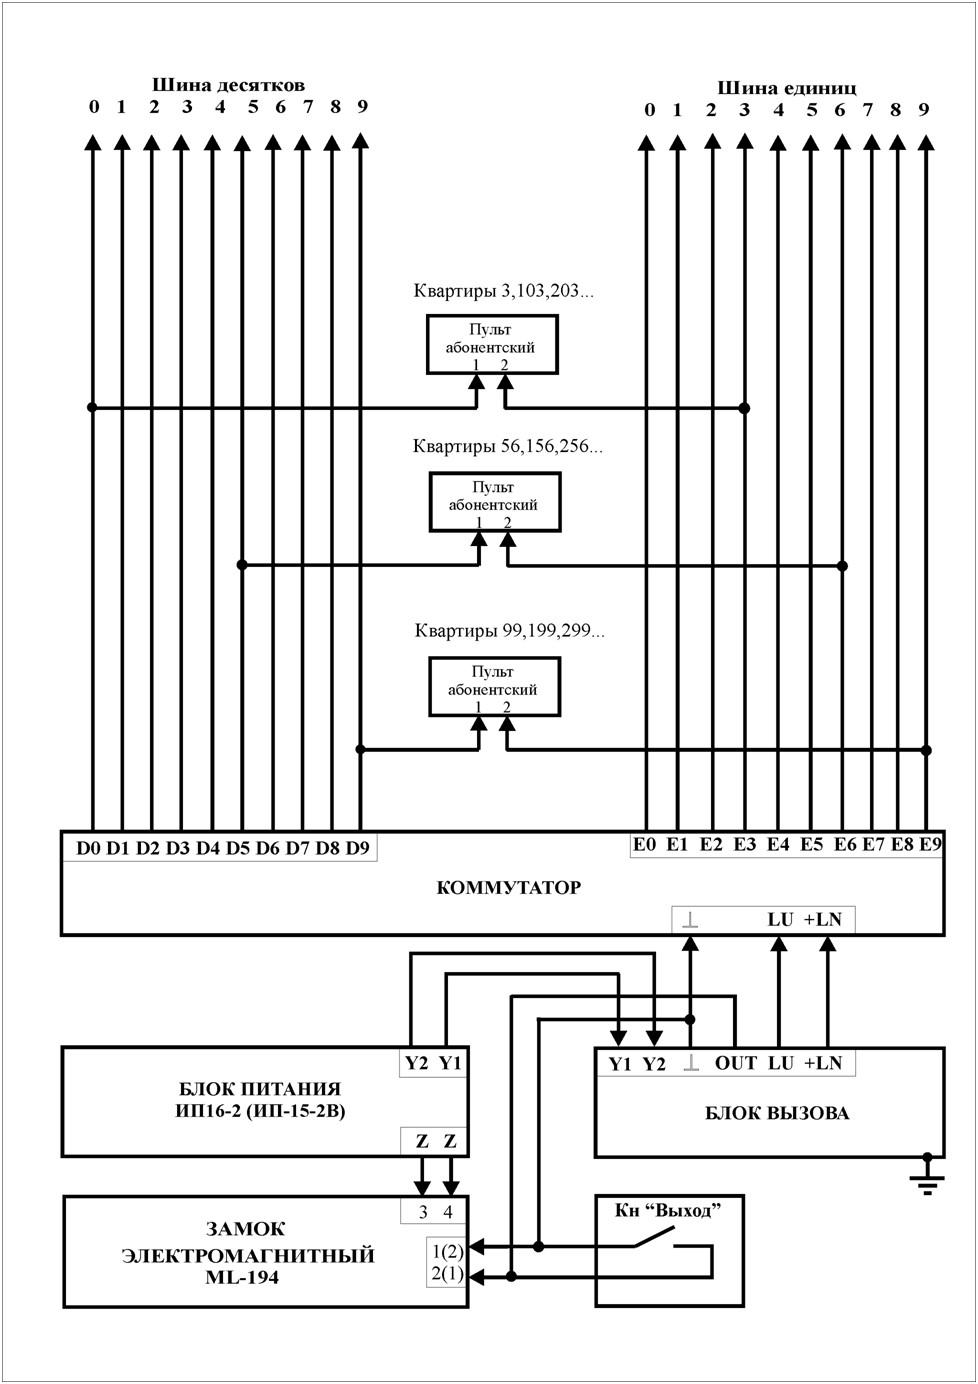 Рисунок 1. Схема подключения домофона Eltis